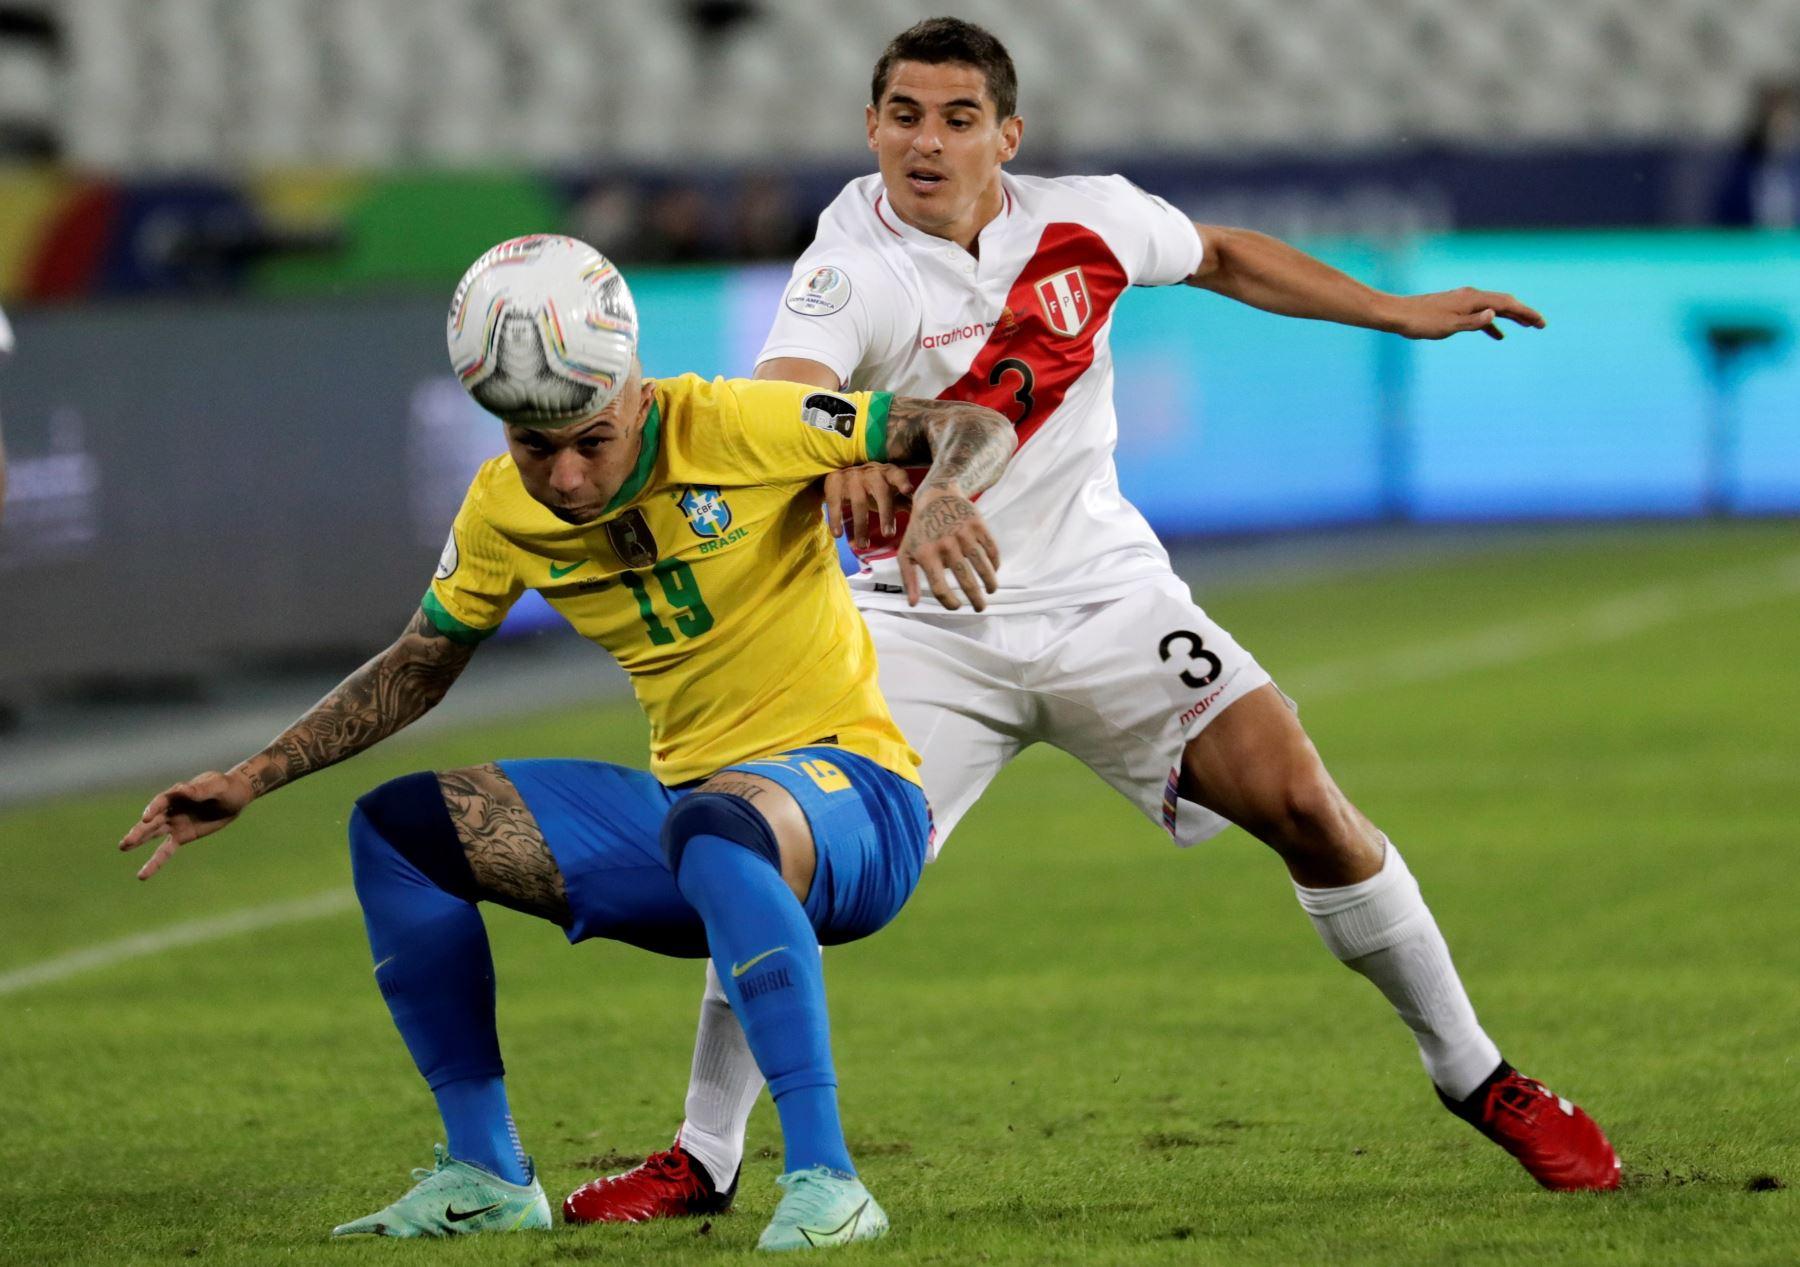 Everton de Brasil disputa un balón con Aldo Corzo de Perú durante un partido por el grupo B de la Copa América, en el Estadio Olímpico Nilton Santos, en Río de Janeiro, Brasil. Foto: EFE